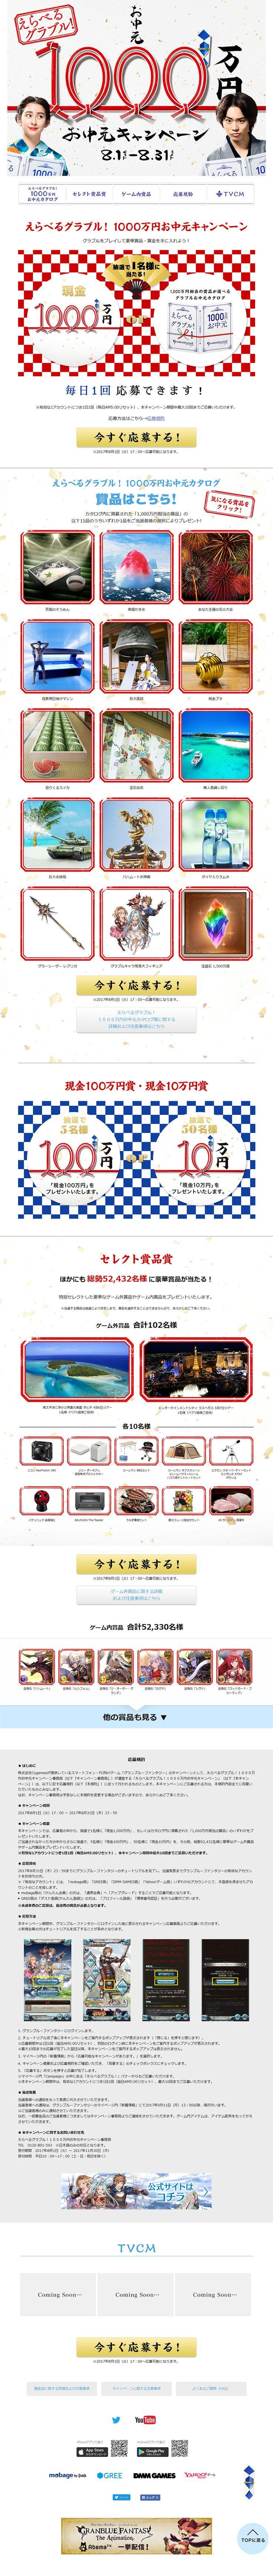 1000万円お中元キャンペーン|WEBデザイナーさん必見!ランディングページのデザイン参考に(シンプル系)